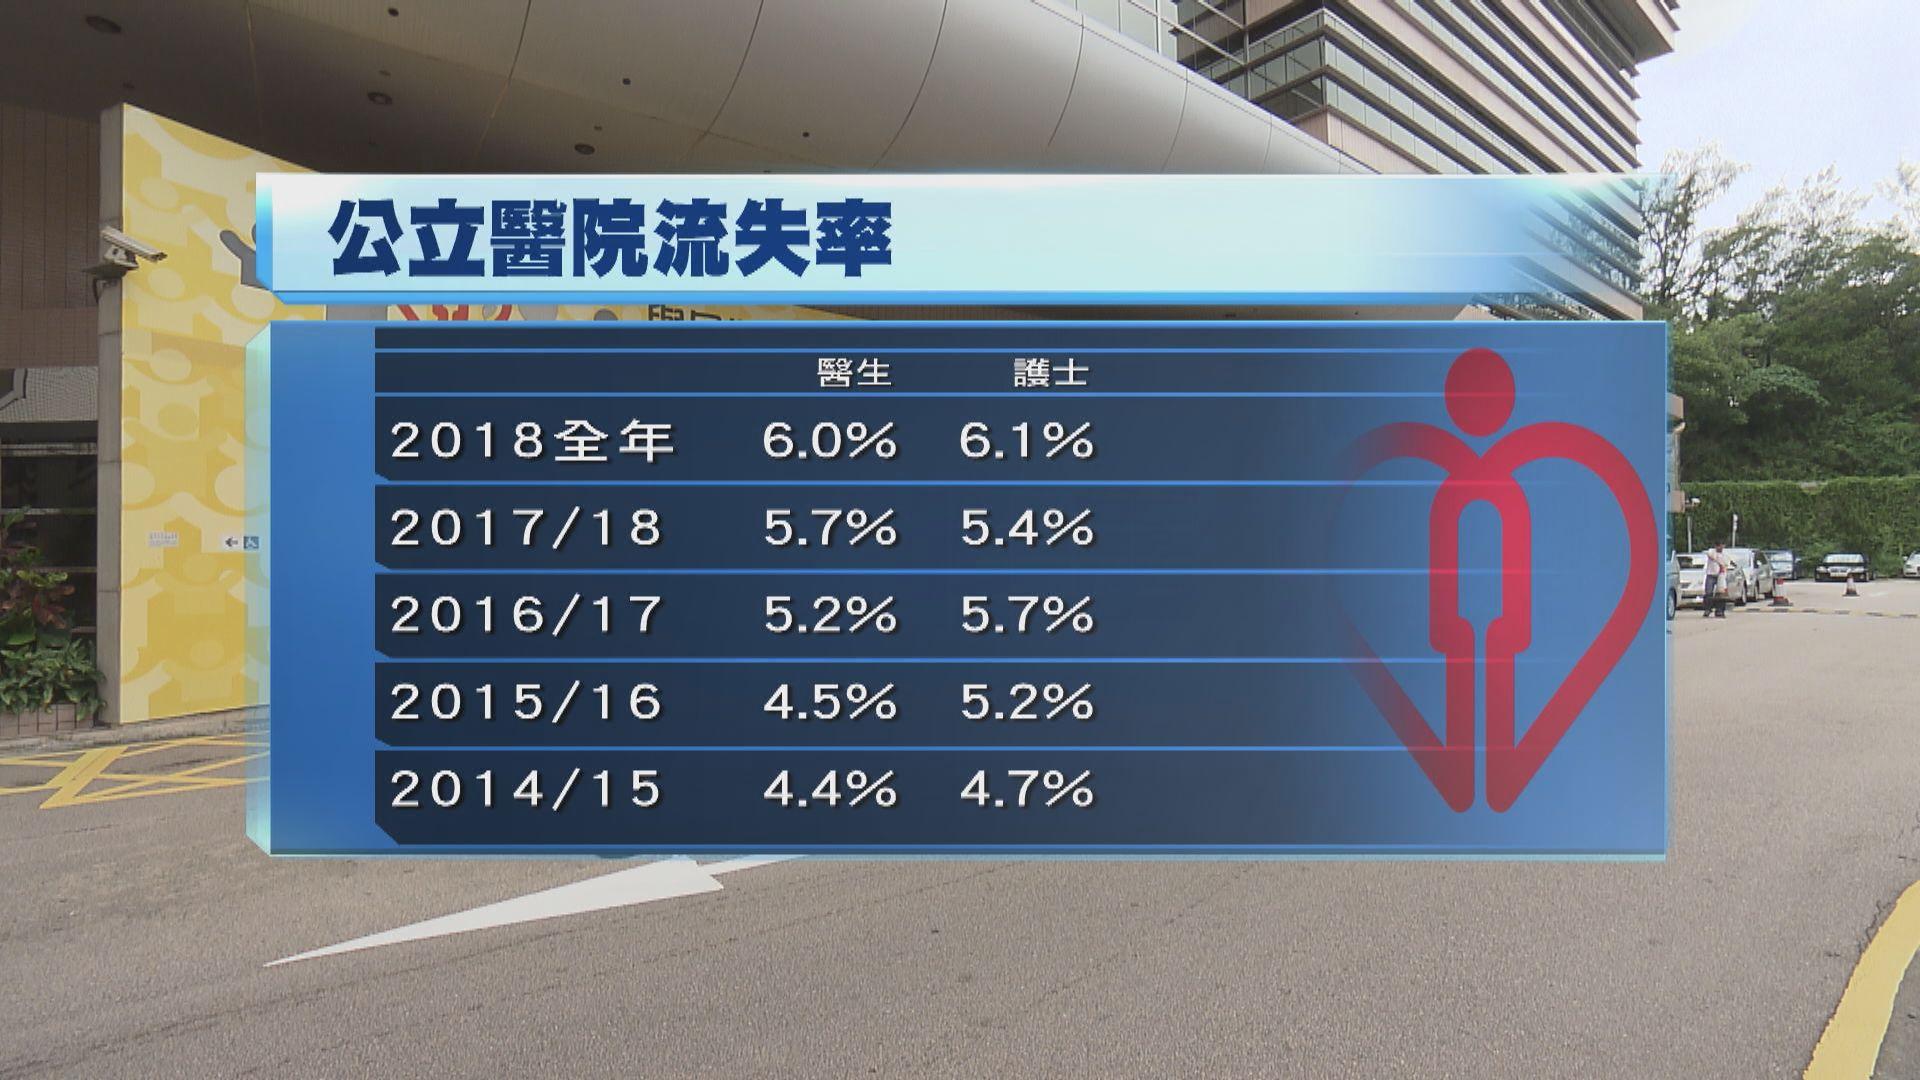 醫管局醫生護士流失率同創五年新高